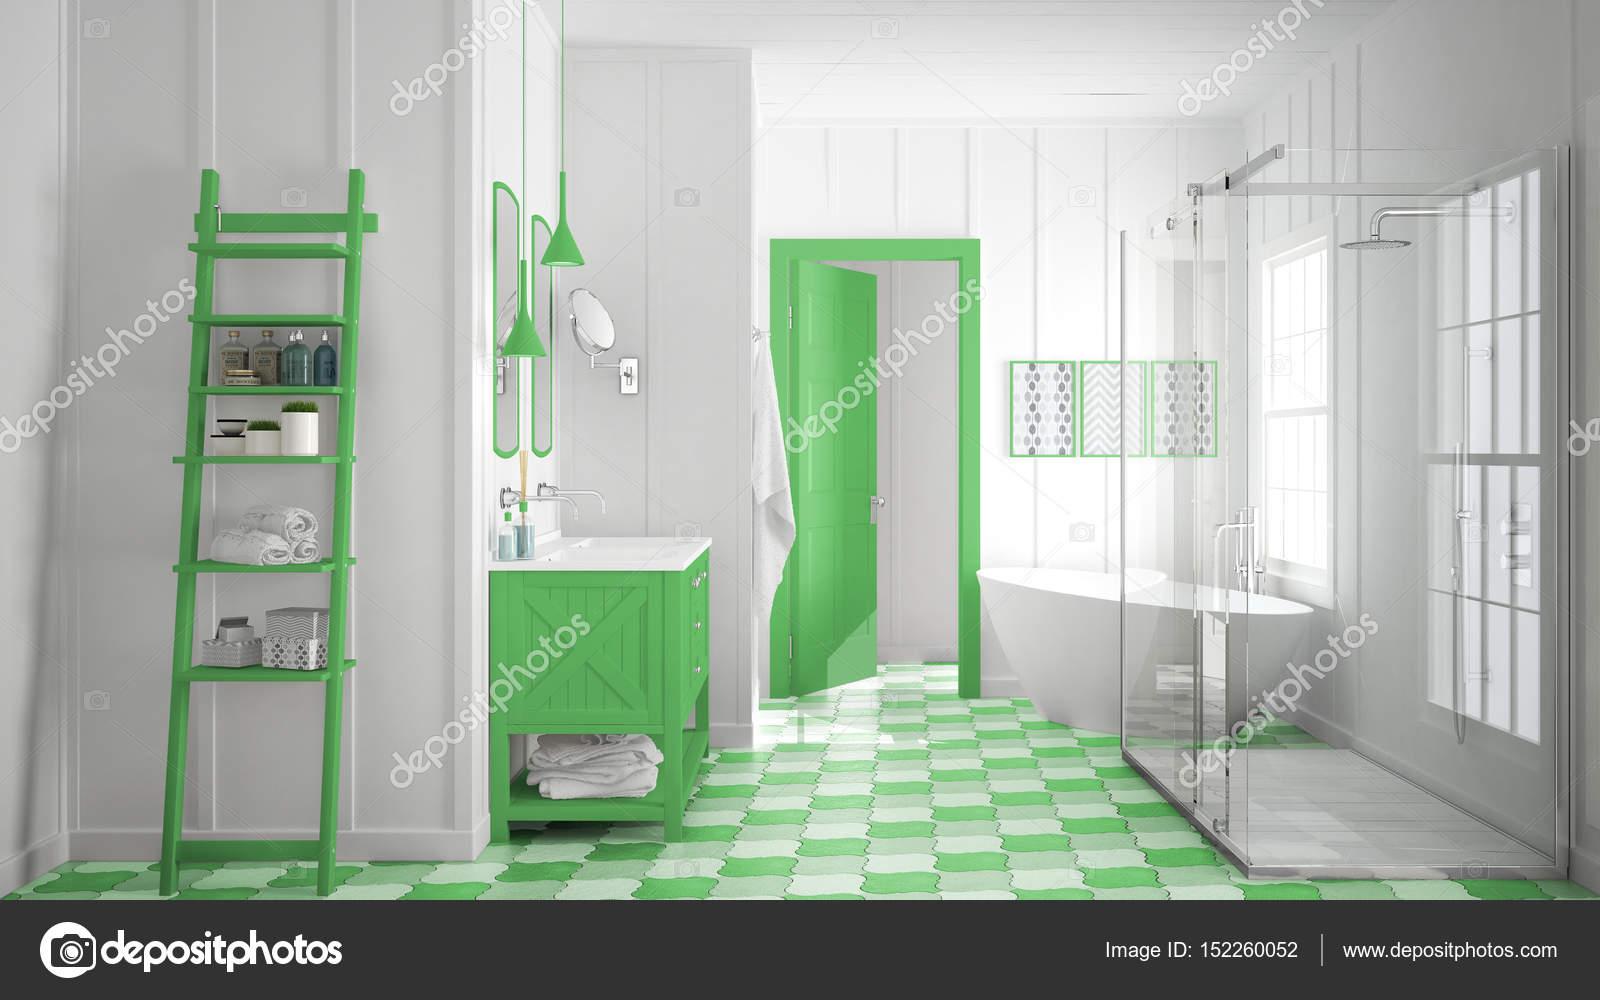 Auszeichnung für dusch wc detail magazin für architektur